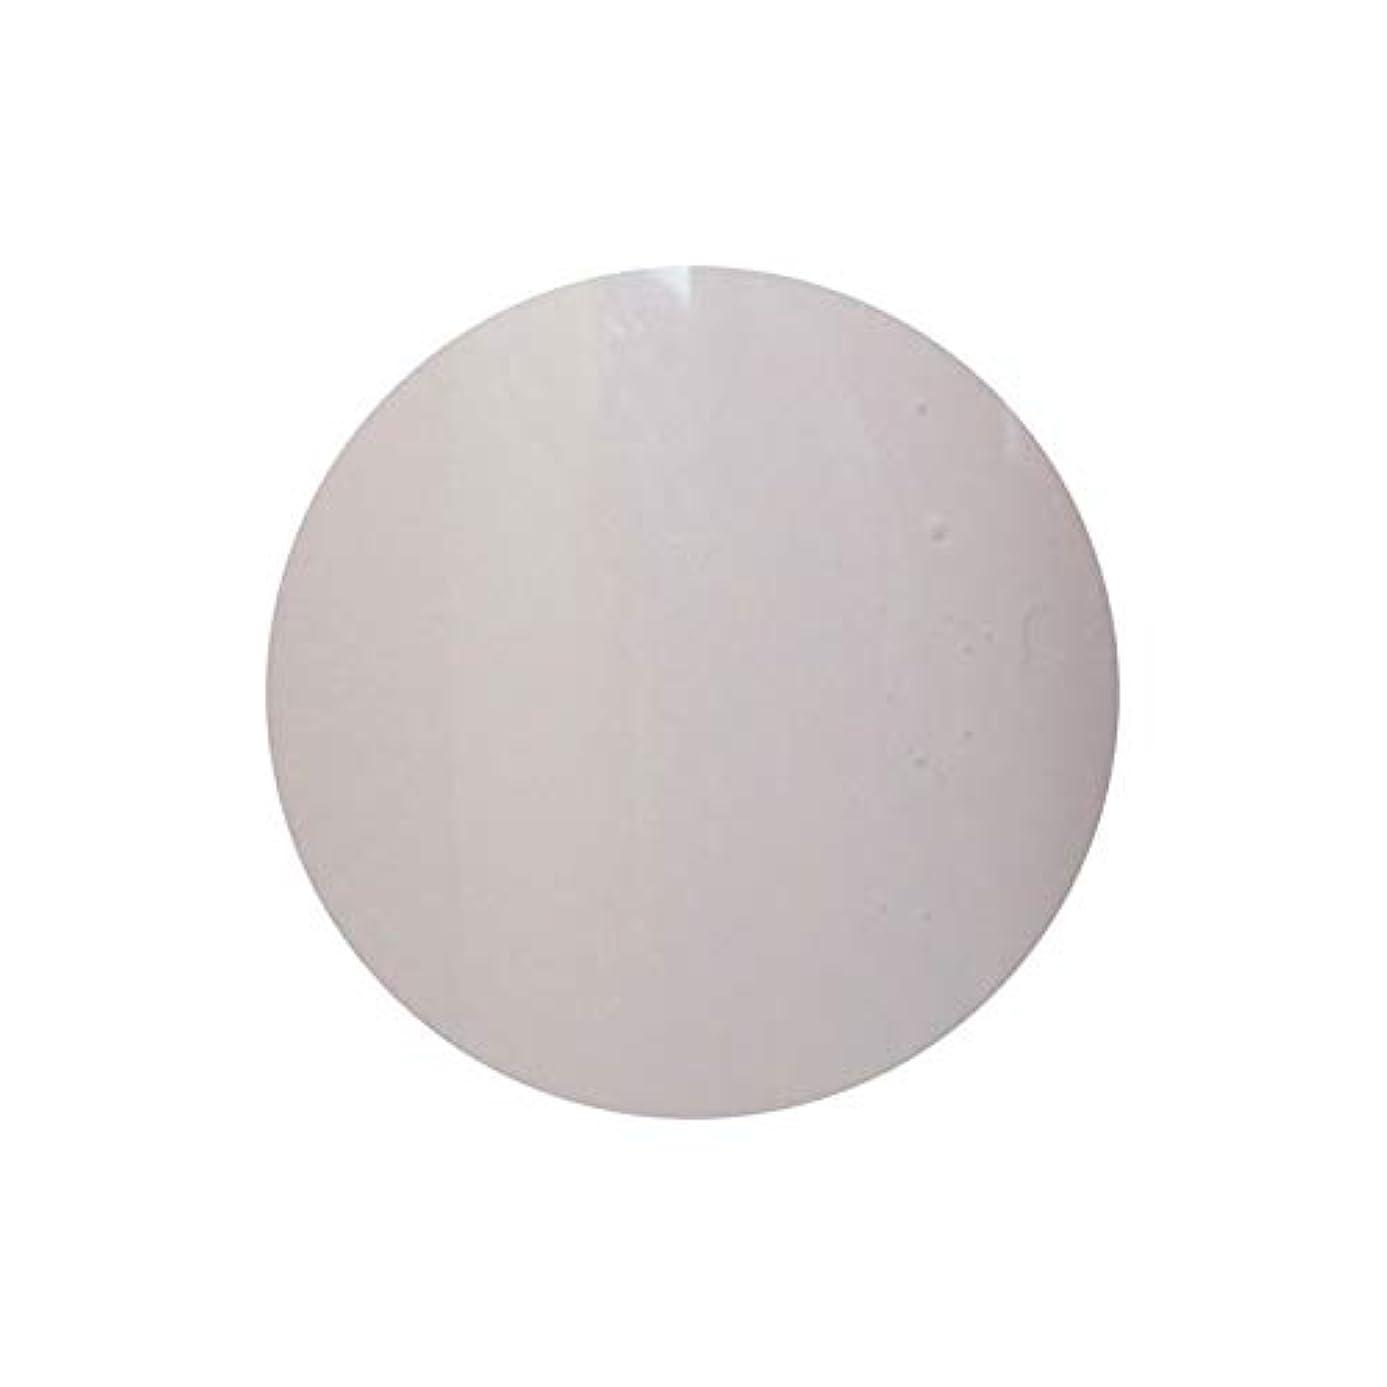 シガレット実験的ロッドNEW】T-GEL COLLECTION カラージェル D220 モカホワイト 4ml